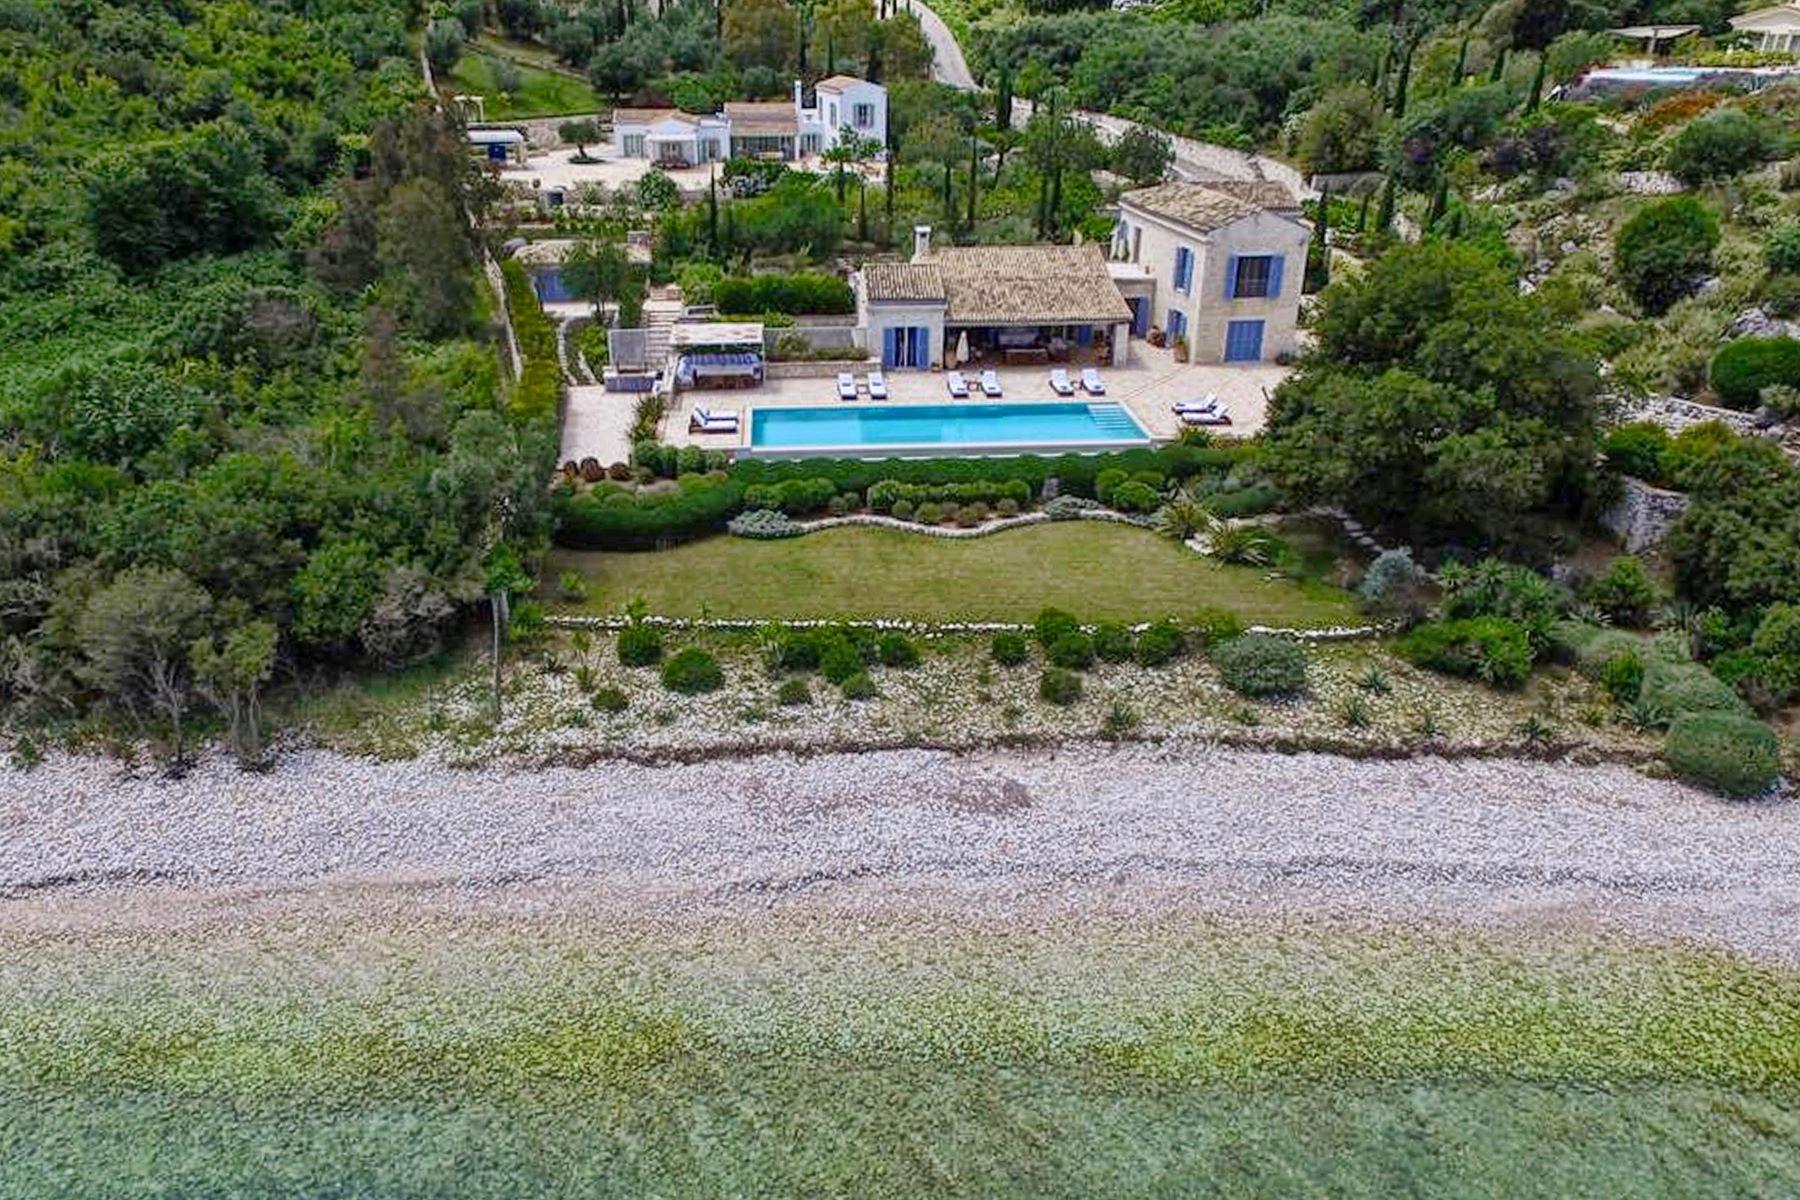 Maison unifamiliale pour l Vente à Emerald Bay Avlaki Emerald Bay Corfu, Îles Ioniennes, 49100 Grèce